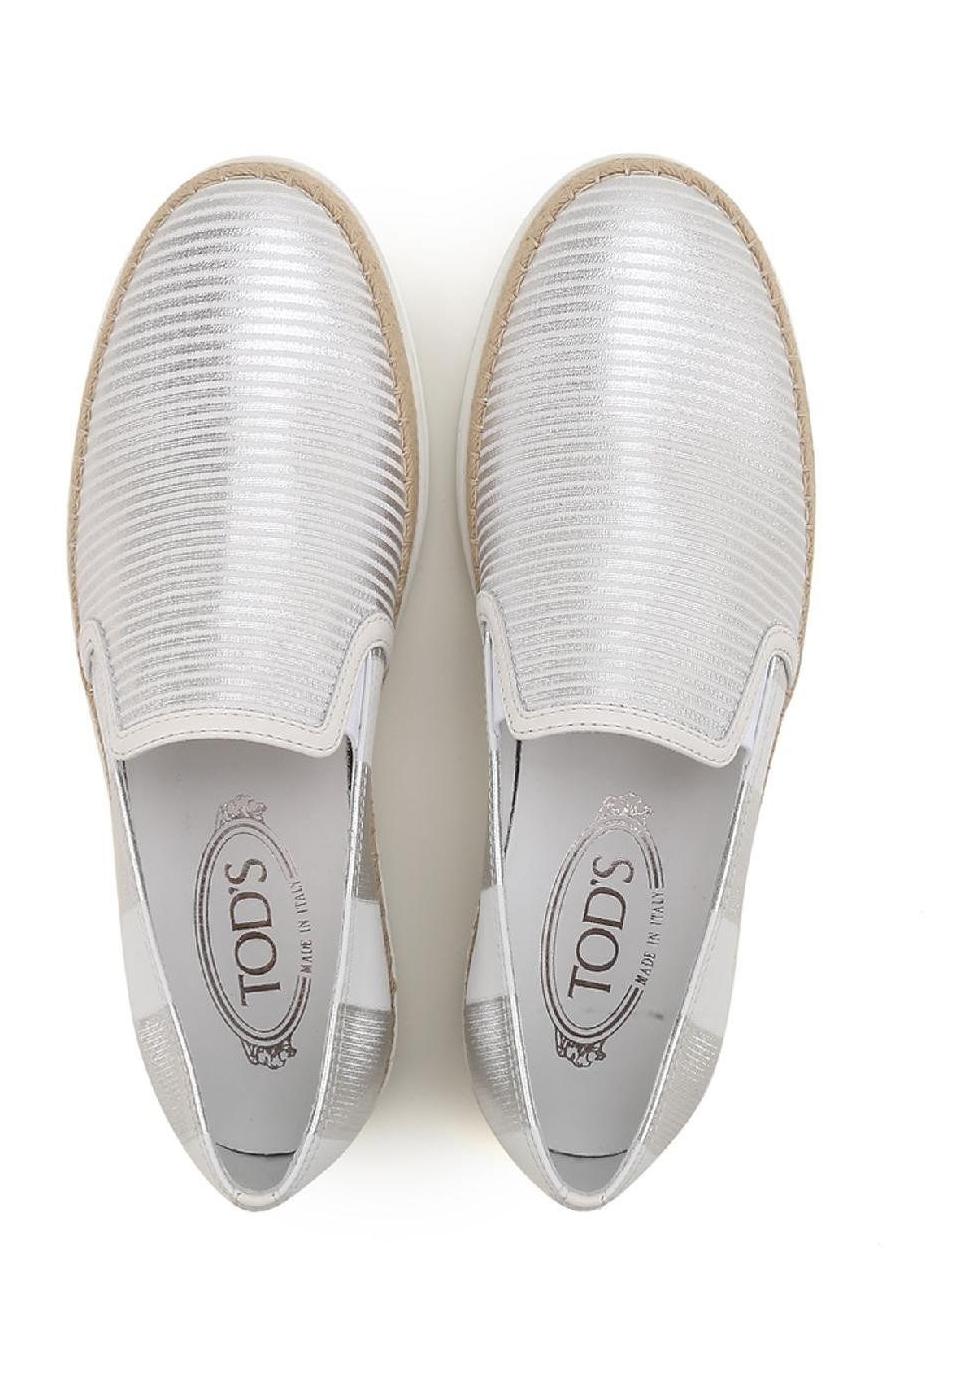 Tod's women's slip-ons sneakers in